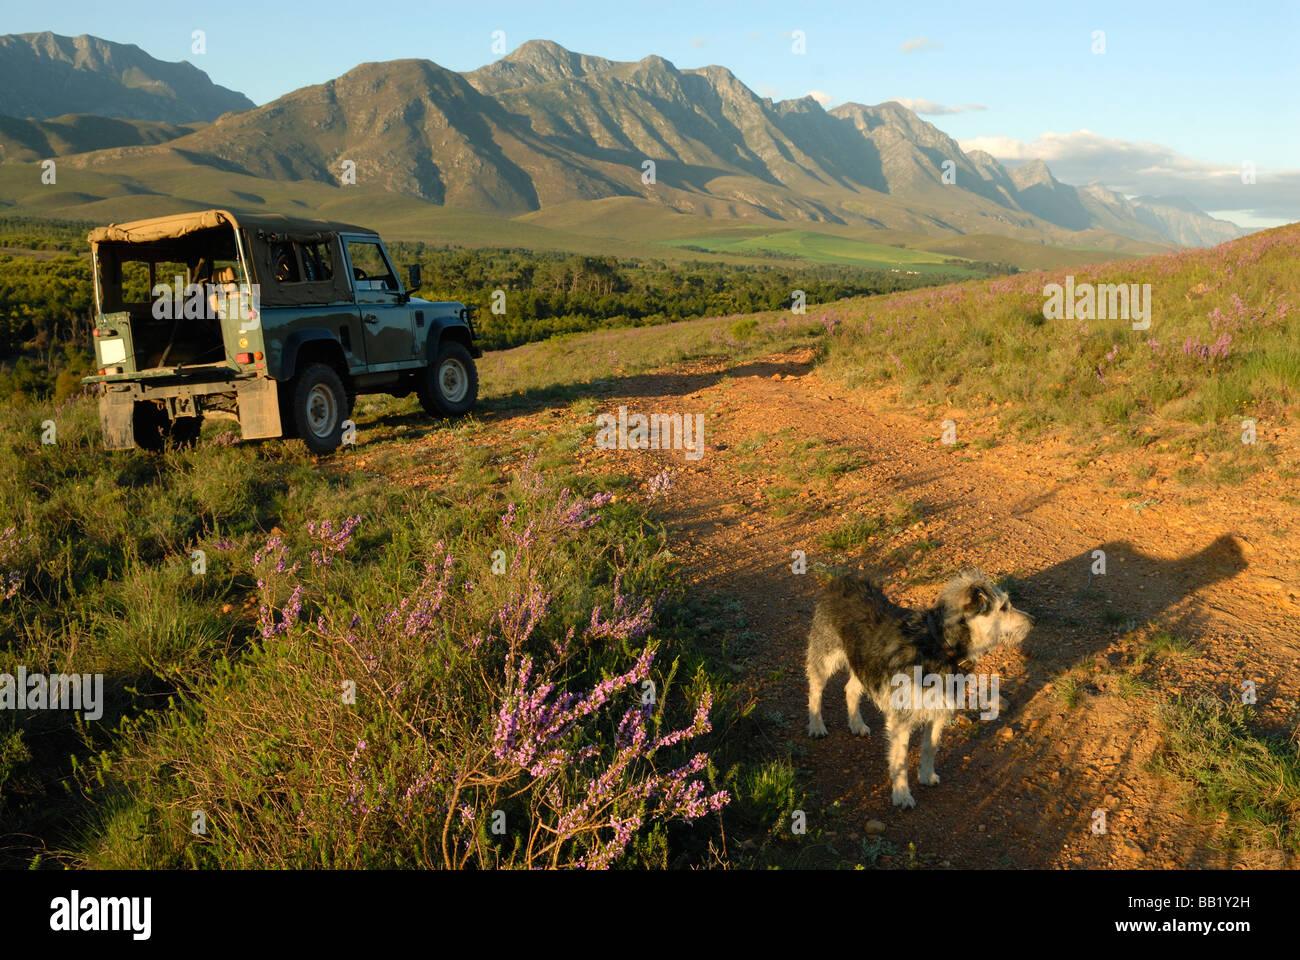 La vida al aire libre con el perro y 4x4 en la primavera, montañas, Riviersonderend Overberg, Western Cape, Sudáfrica Foto de stock